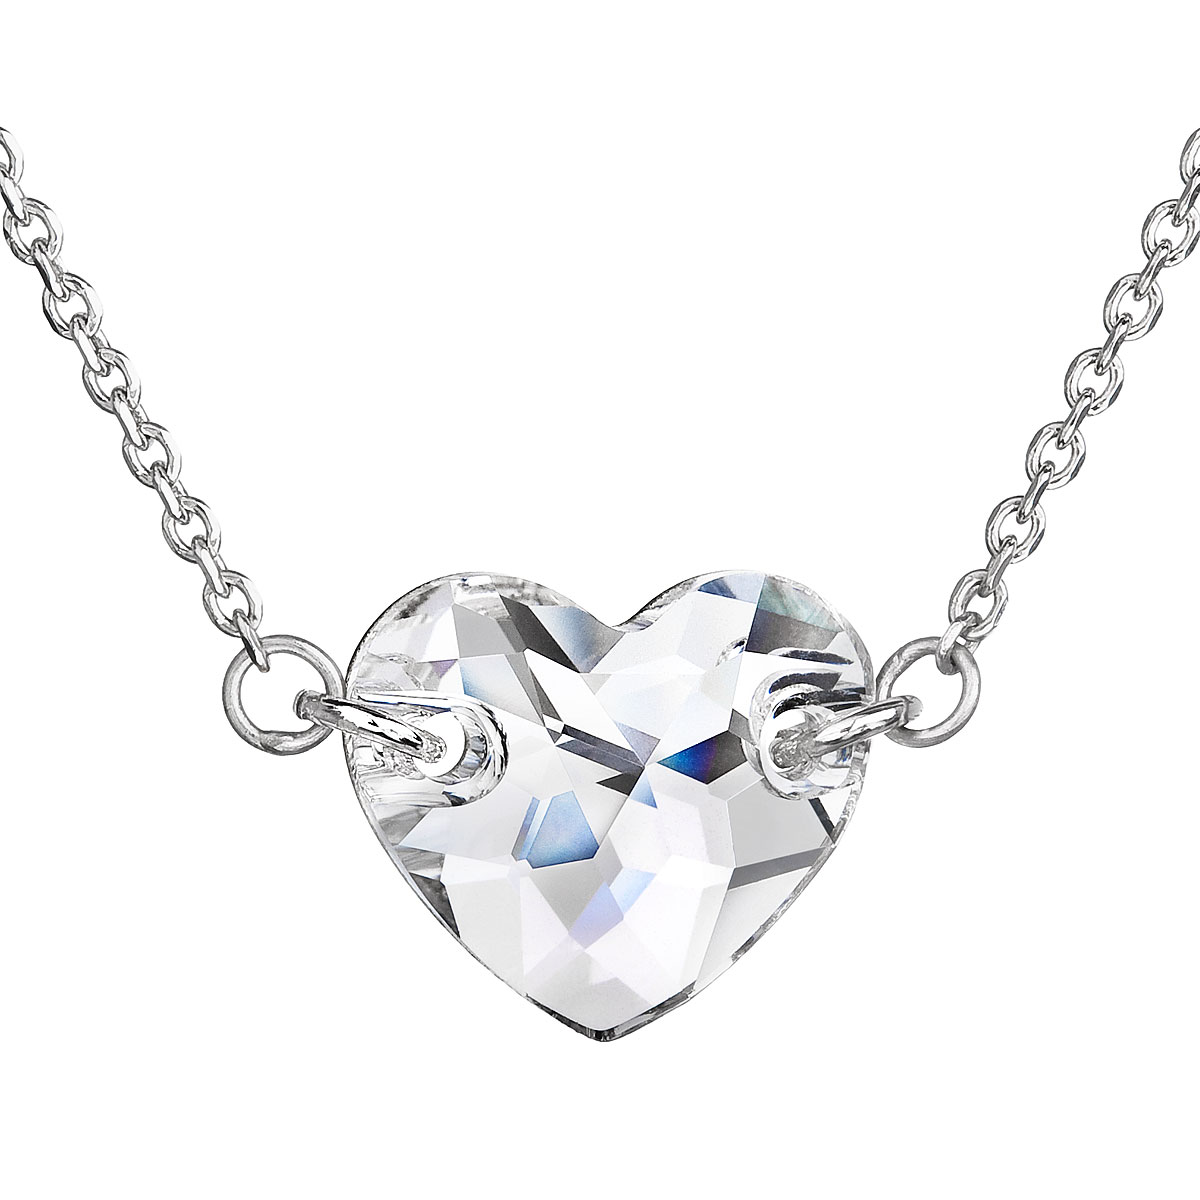 Strieborný náhrdelník s krištáľmi Swarovski biele srdce 32020.1